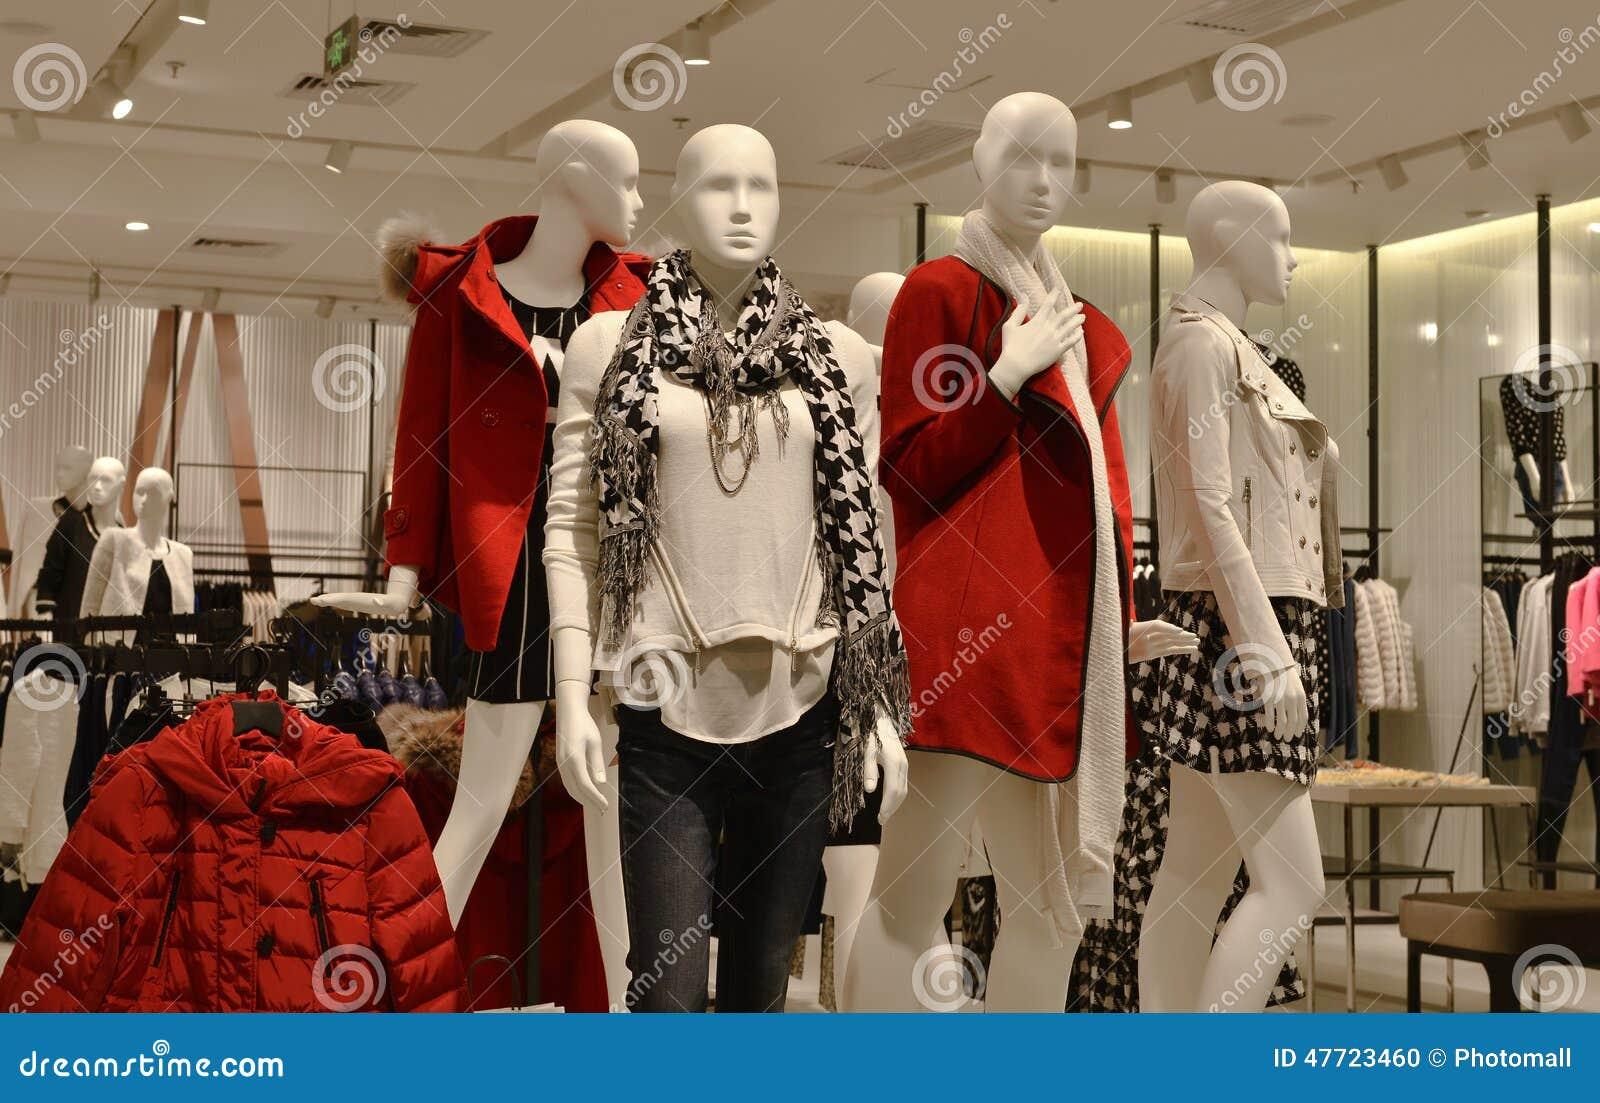 4ac4467c2011 Los Maniquíes De La Moda Del Invierno Del Otoño En Ropa De Moda ...